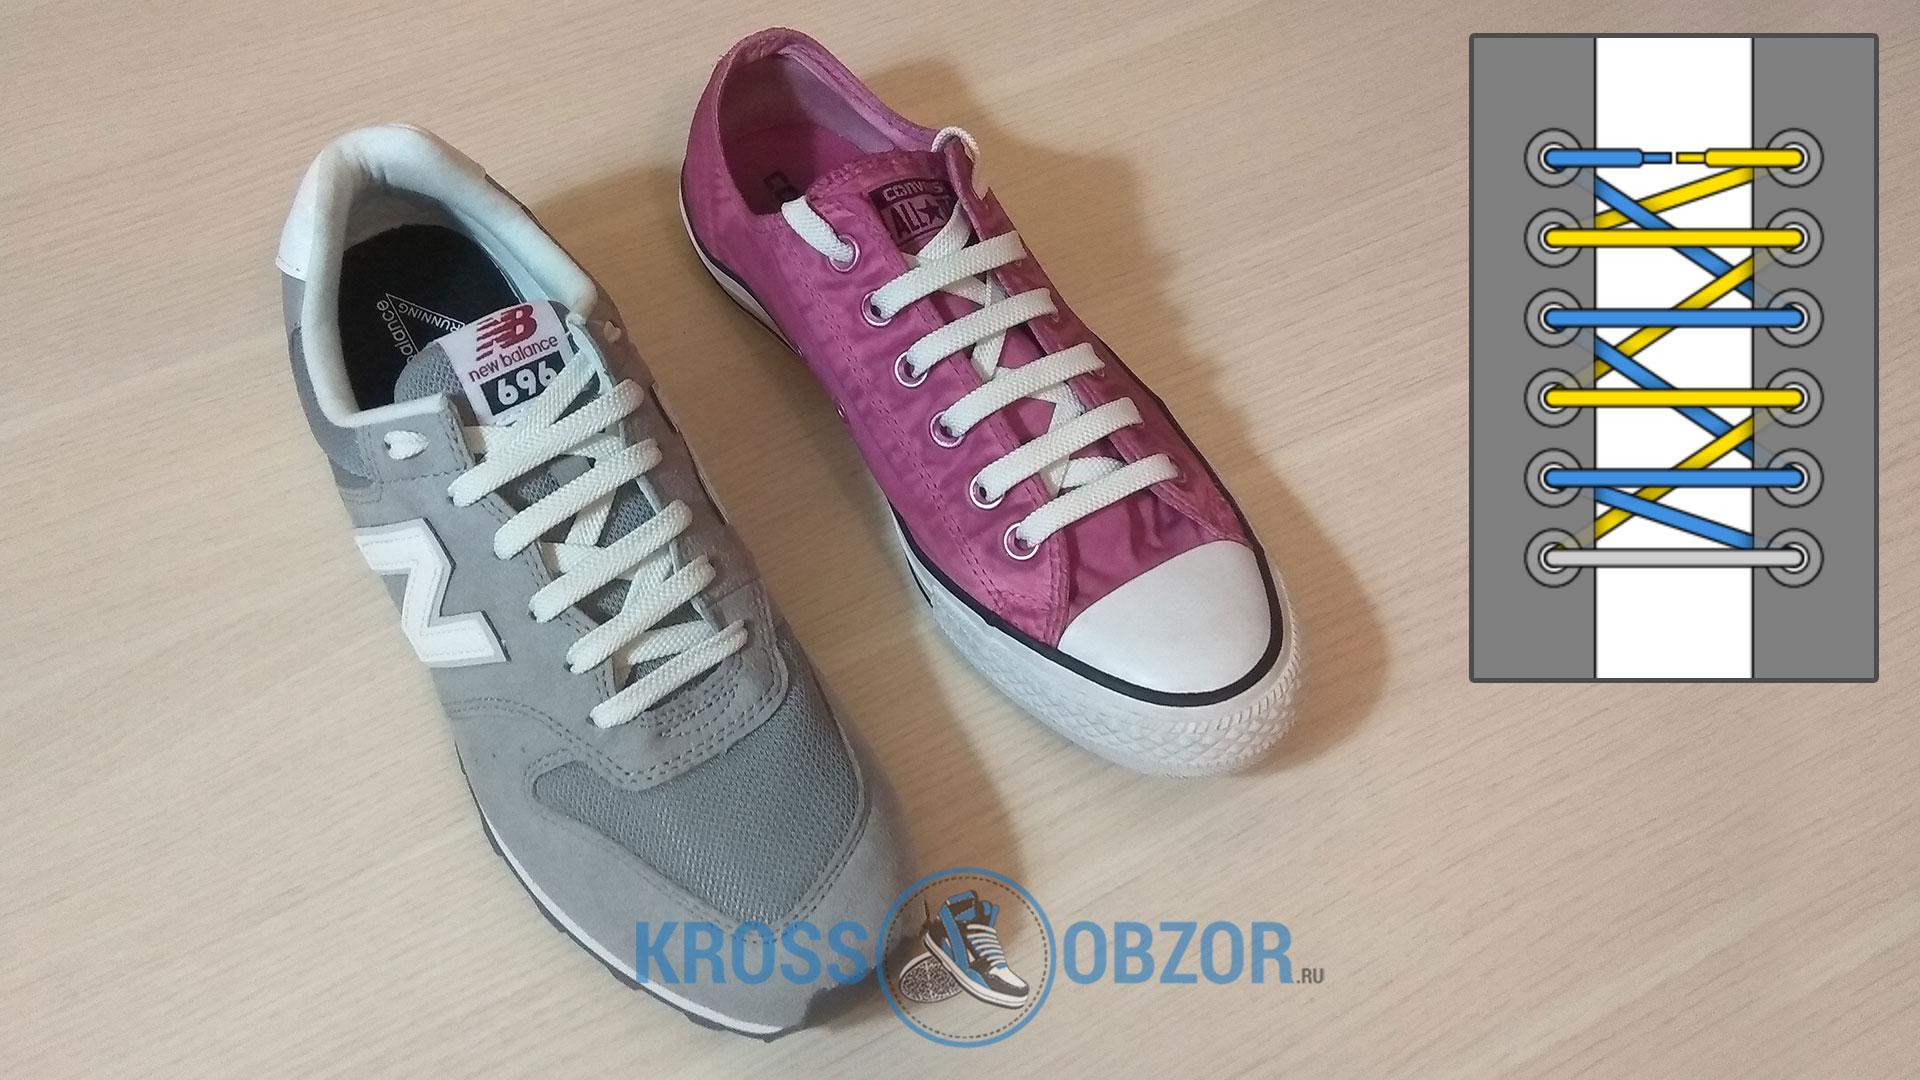 Европейская шнуровка для кроссовок и кед